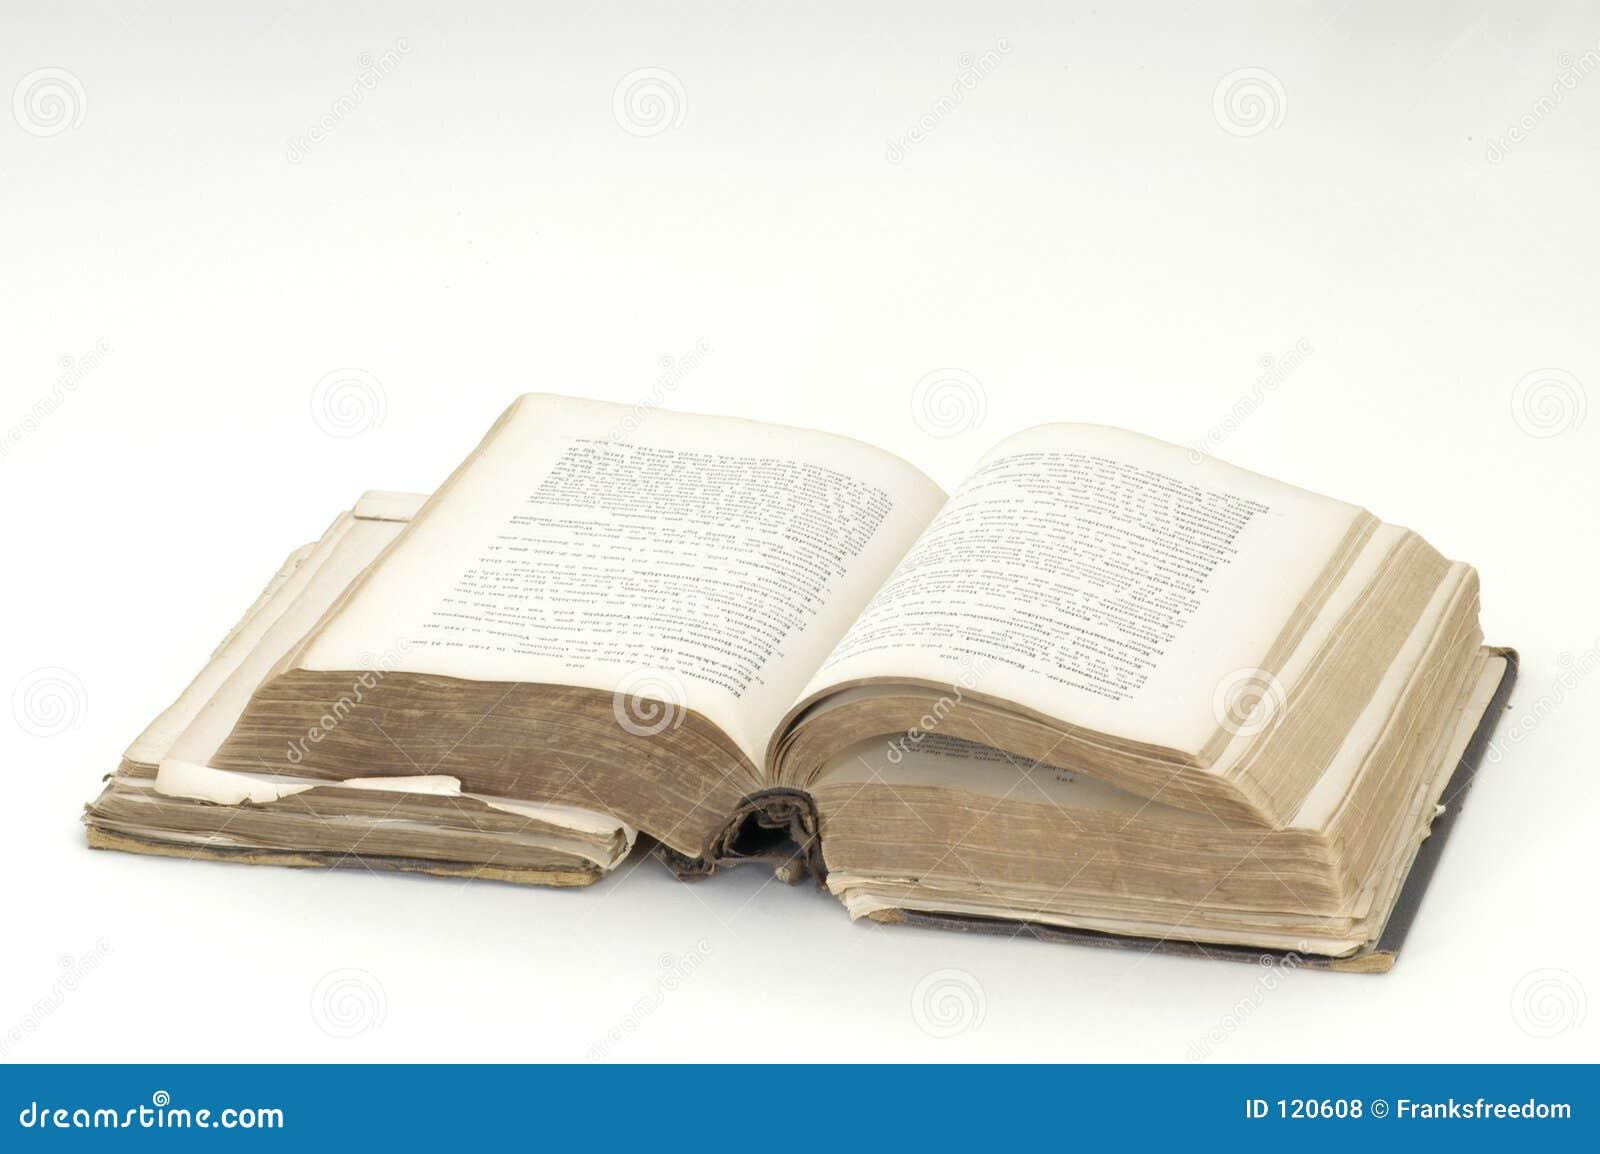 Książka to antyk